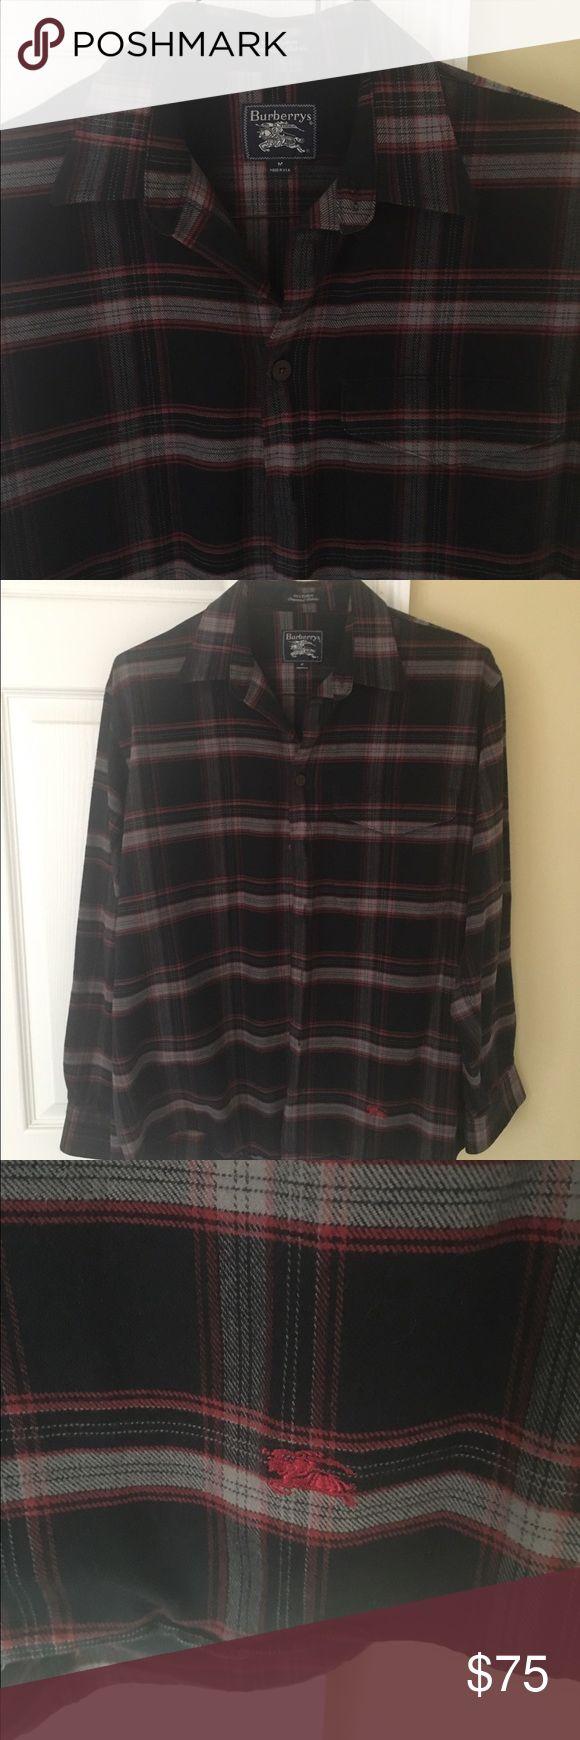 Men's Burberry plaid shirt Excellent condition awesome plaid shirt Burberry Shirts Casual Button Down Shirts